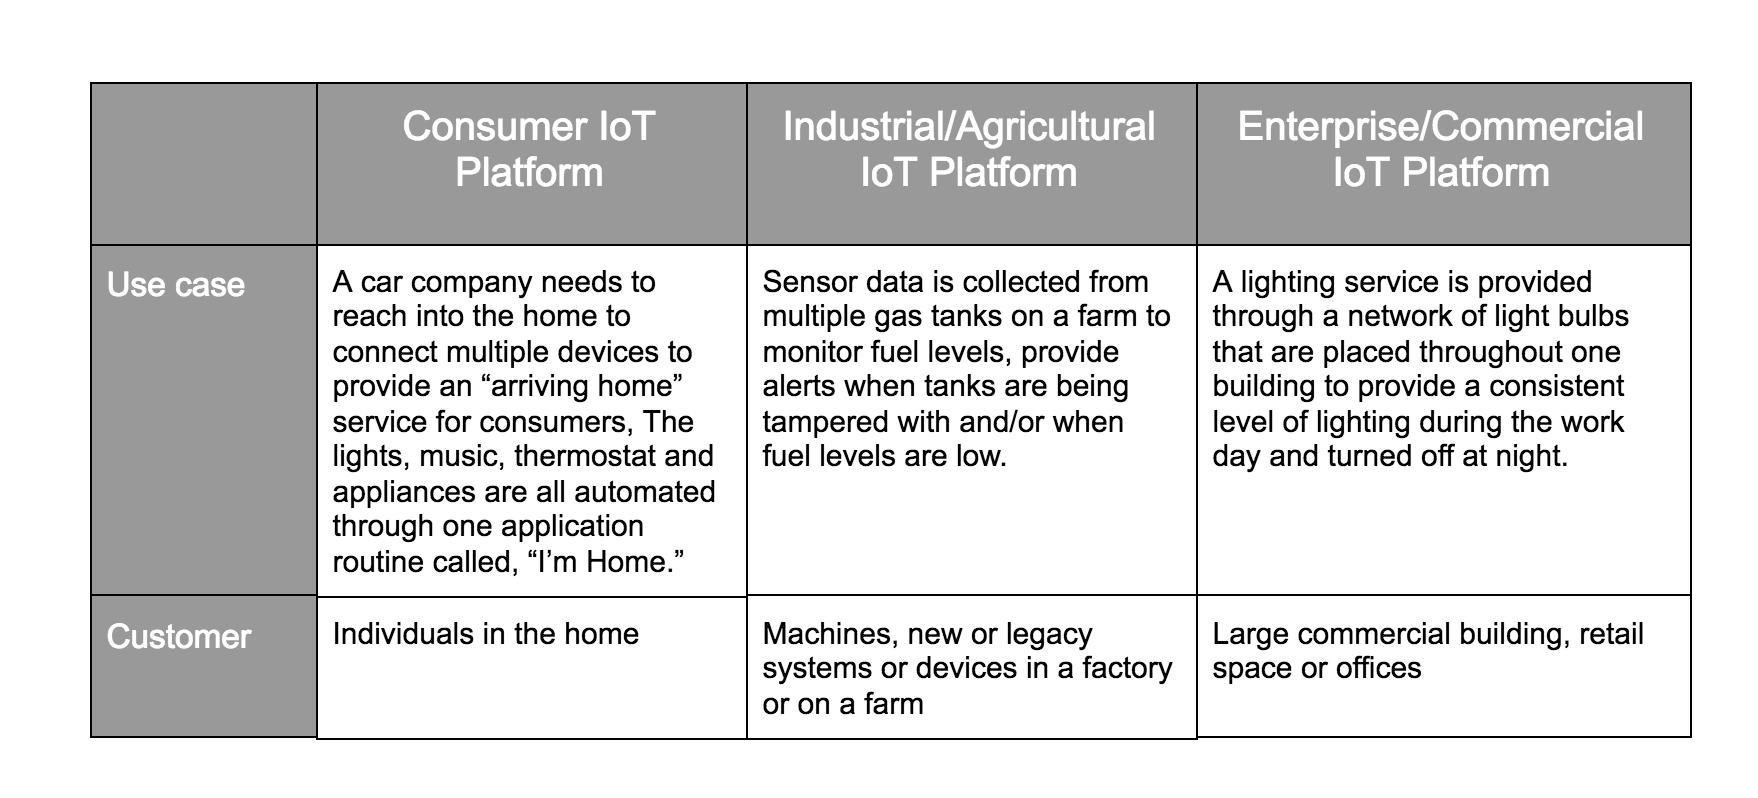 Yonomi Platform - Consumer, Enterprise, and Industrial IoT Platforms Comparison 01